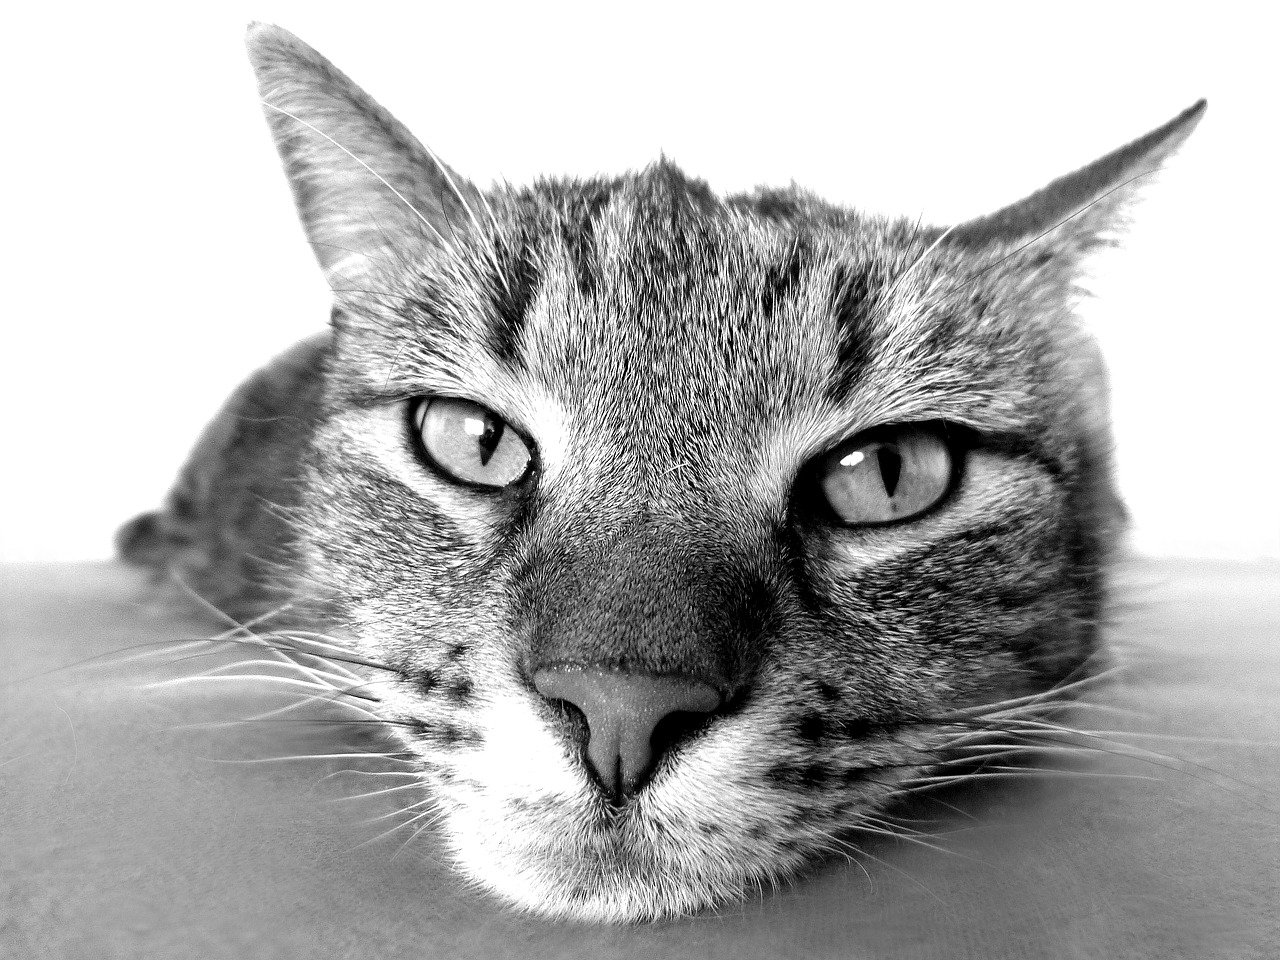 Cat Pet Animal Tabby Cat Domestic Cat Feline